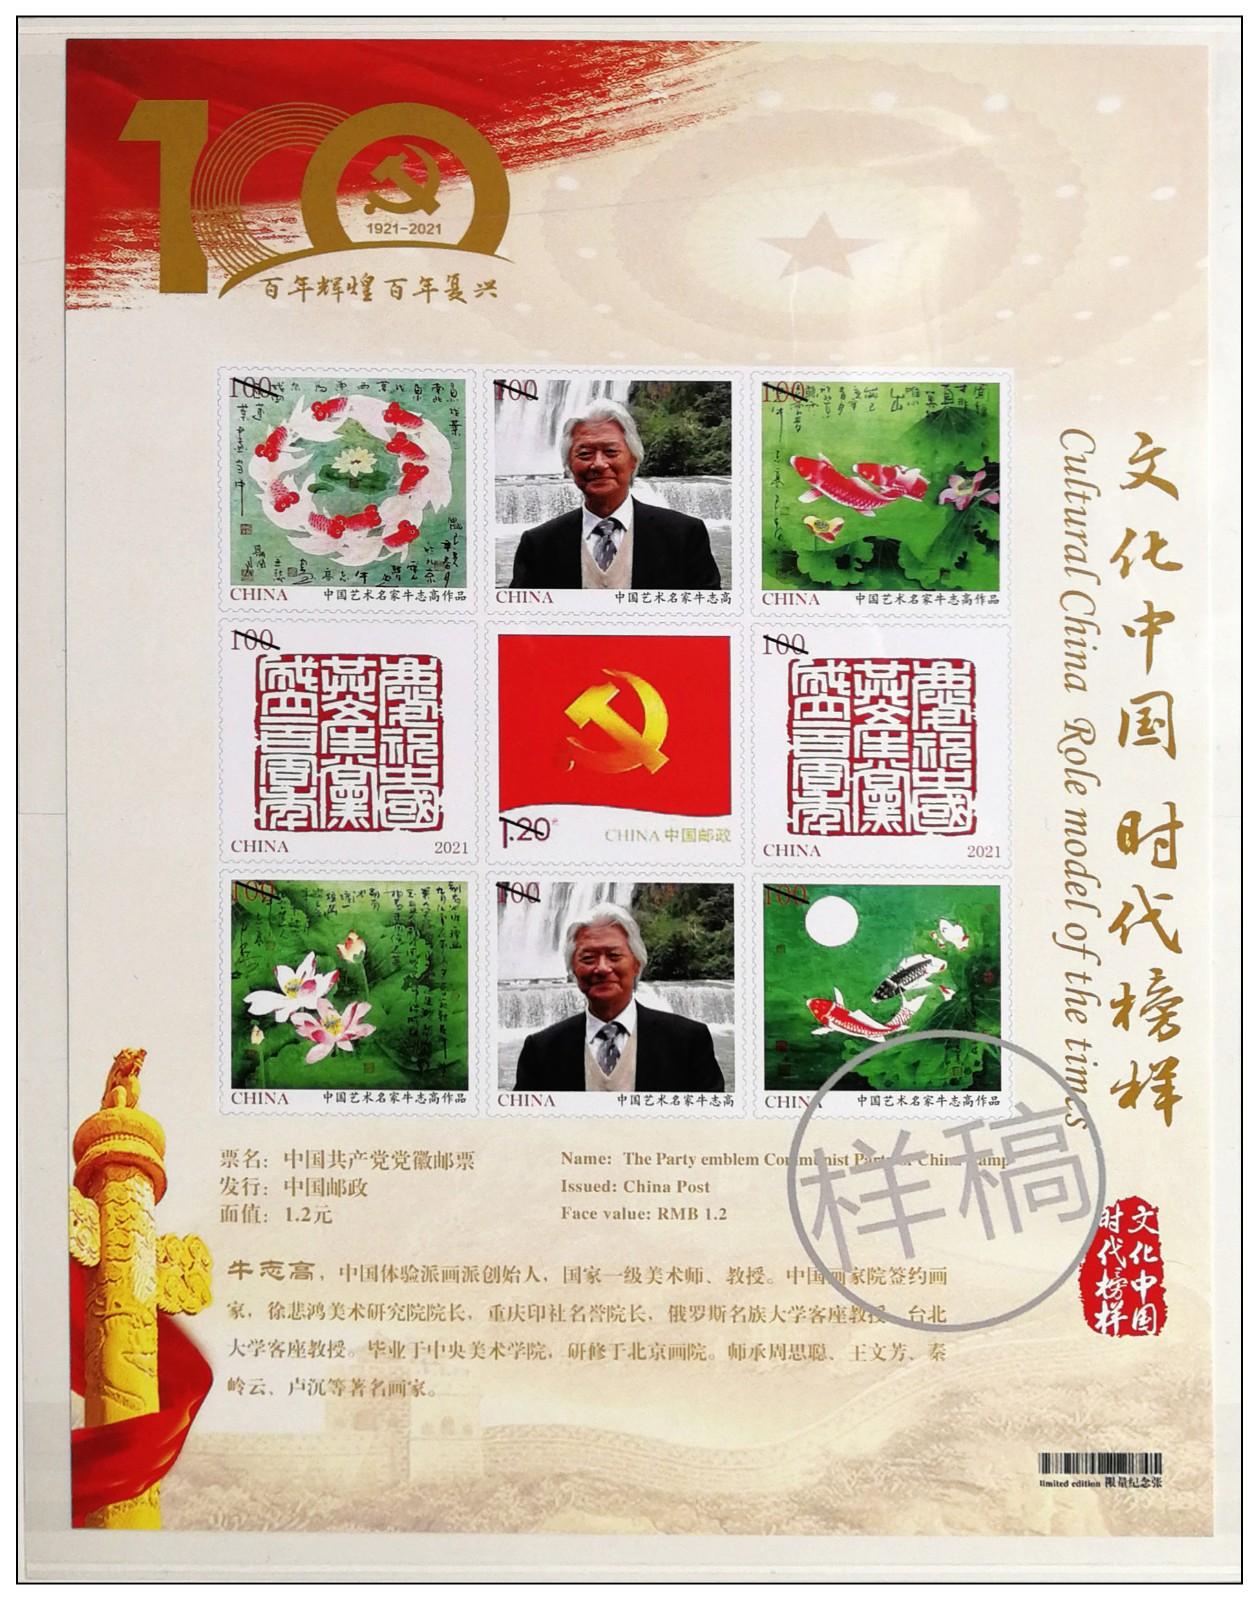 庆祝中国共产党成立100周年---牛志高书画集邮册面世2021.03.15_图1-15